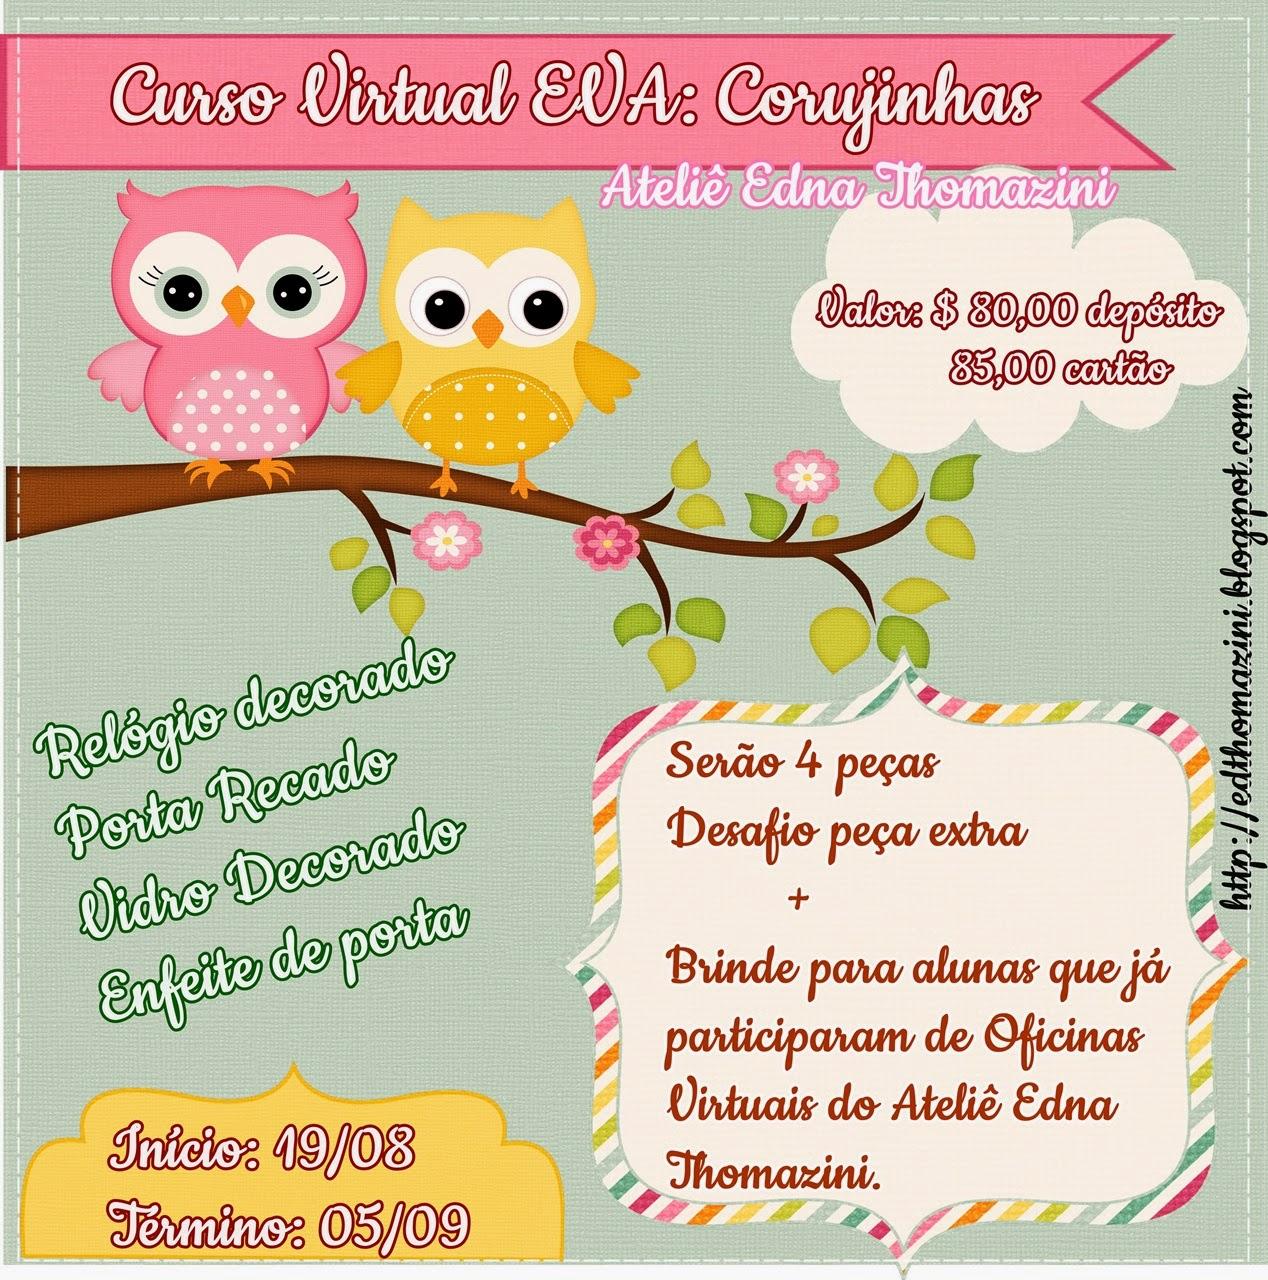 Curso Virtual Corujinhas